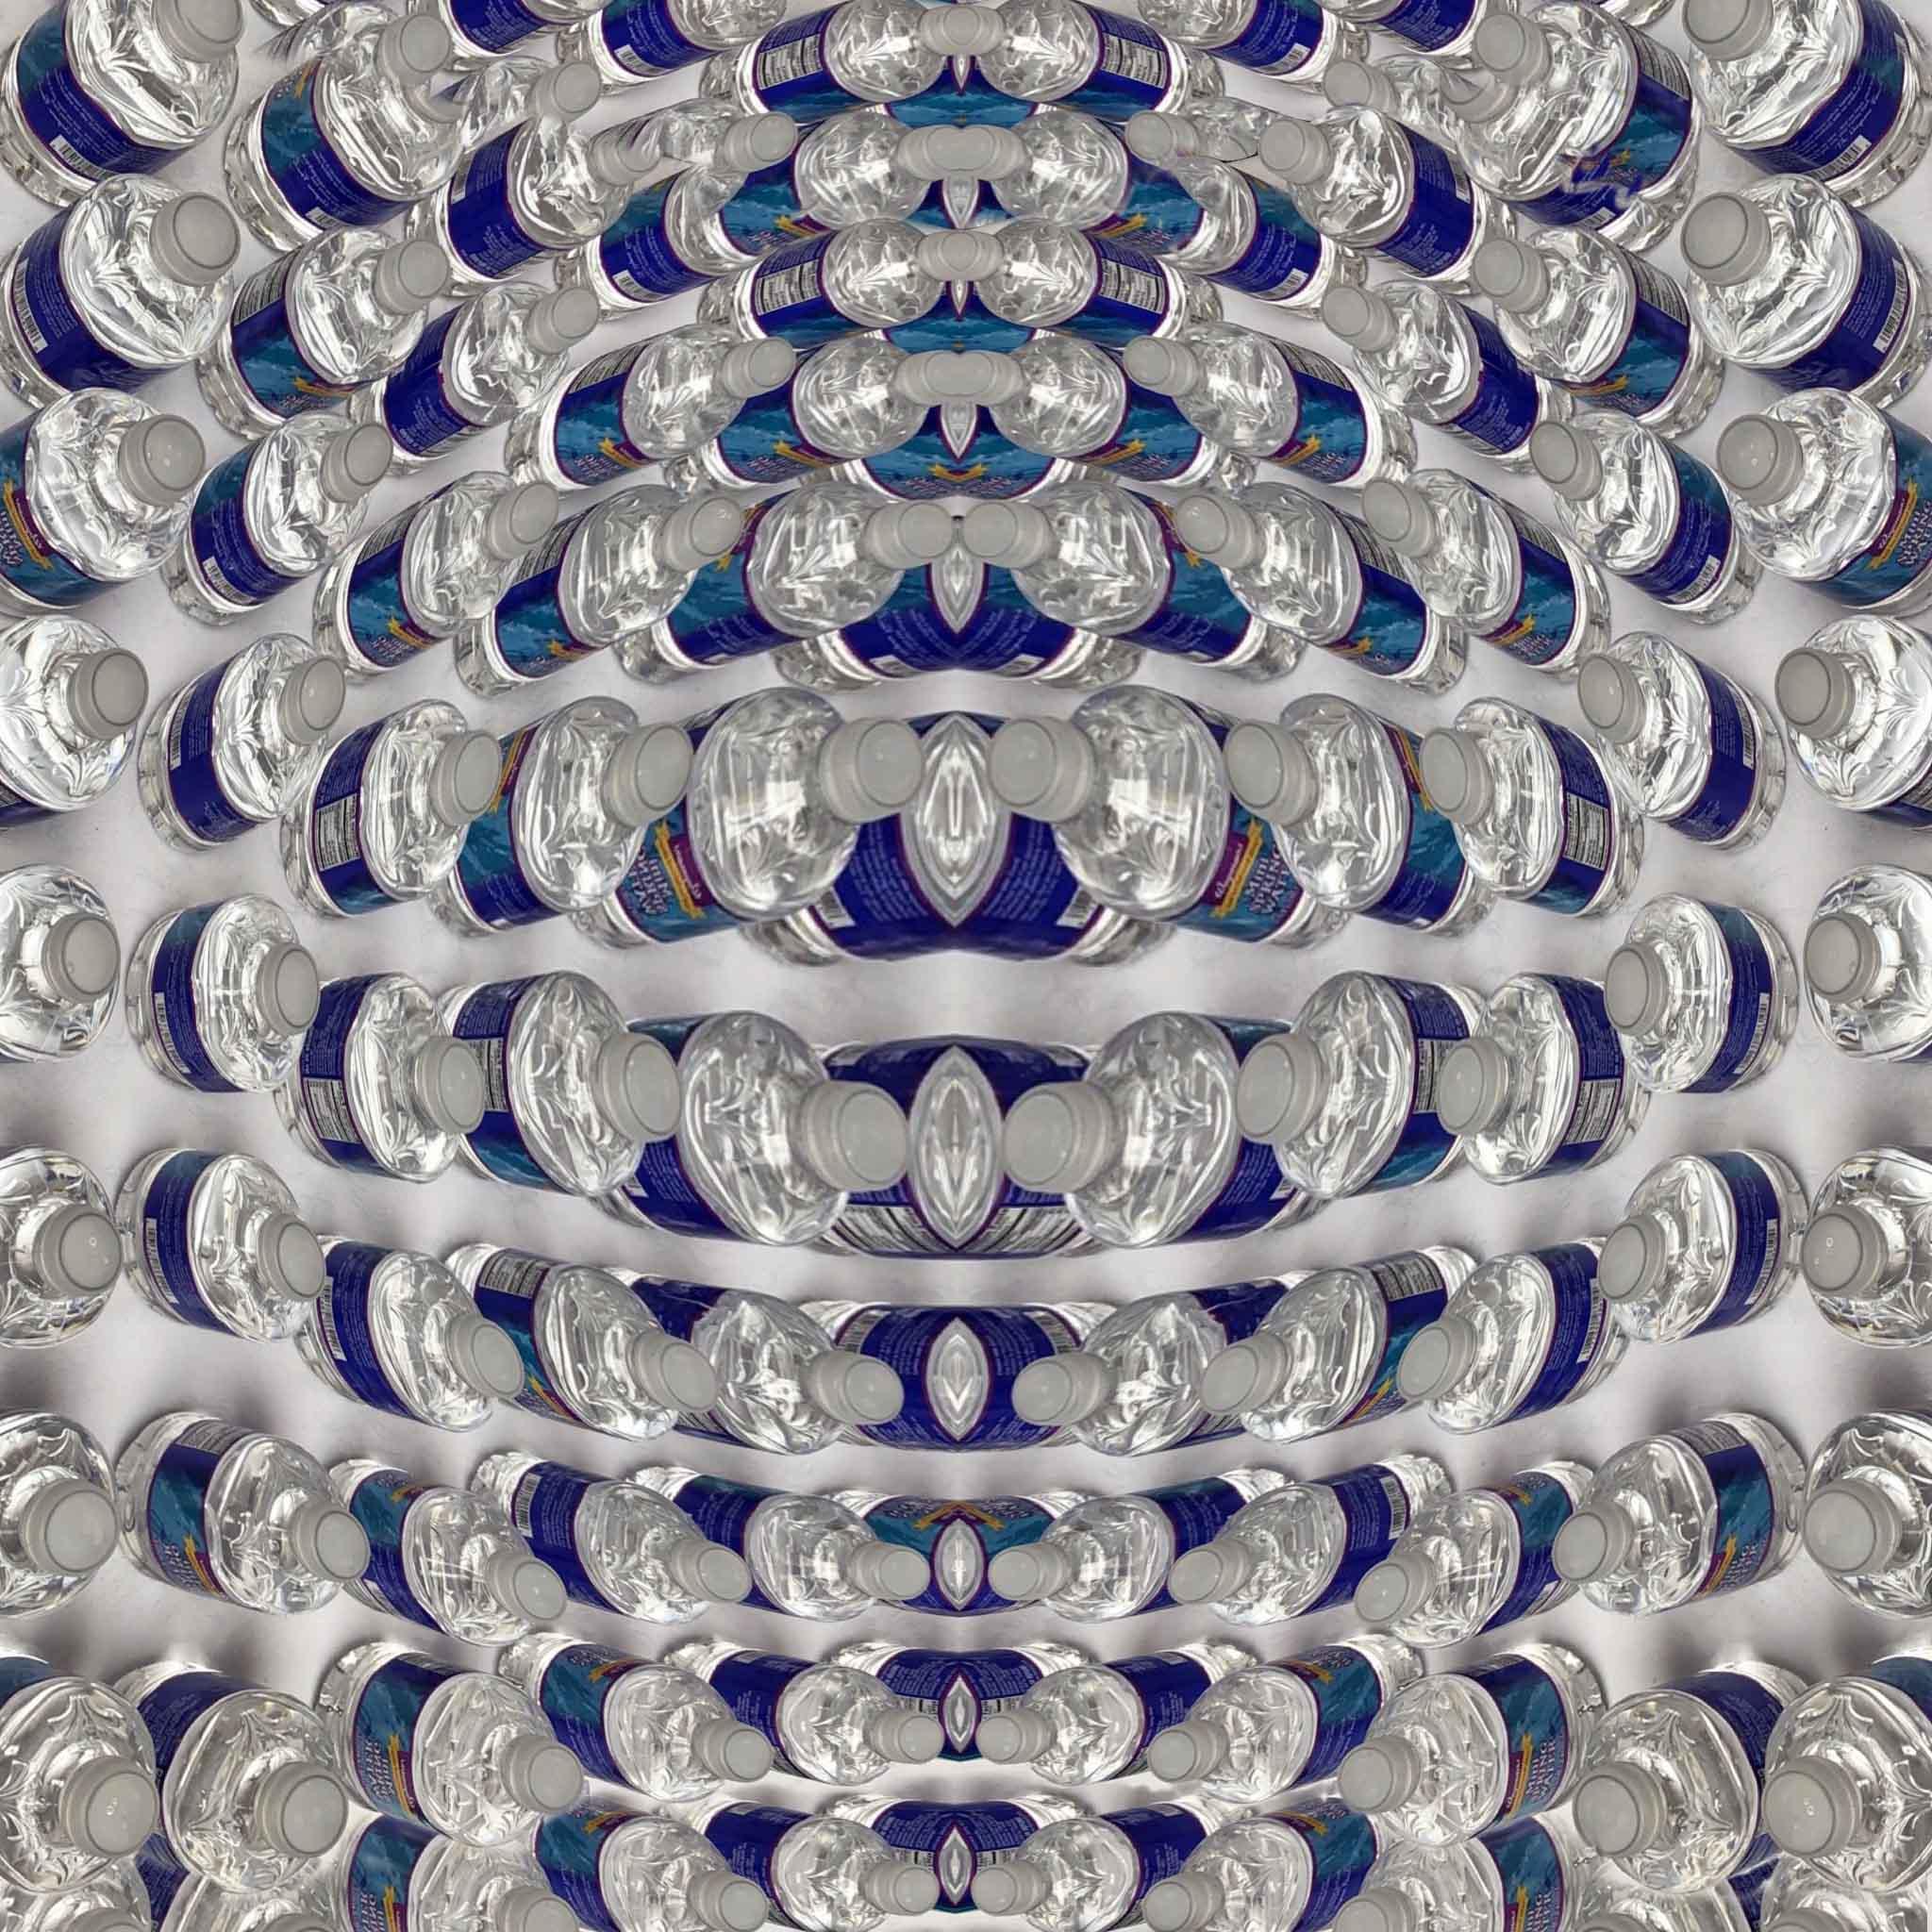 Water bottles melting 2.jpg